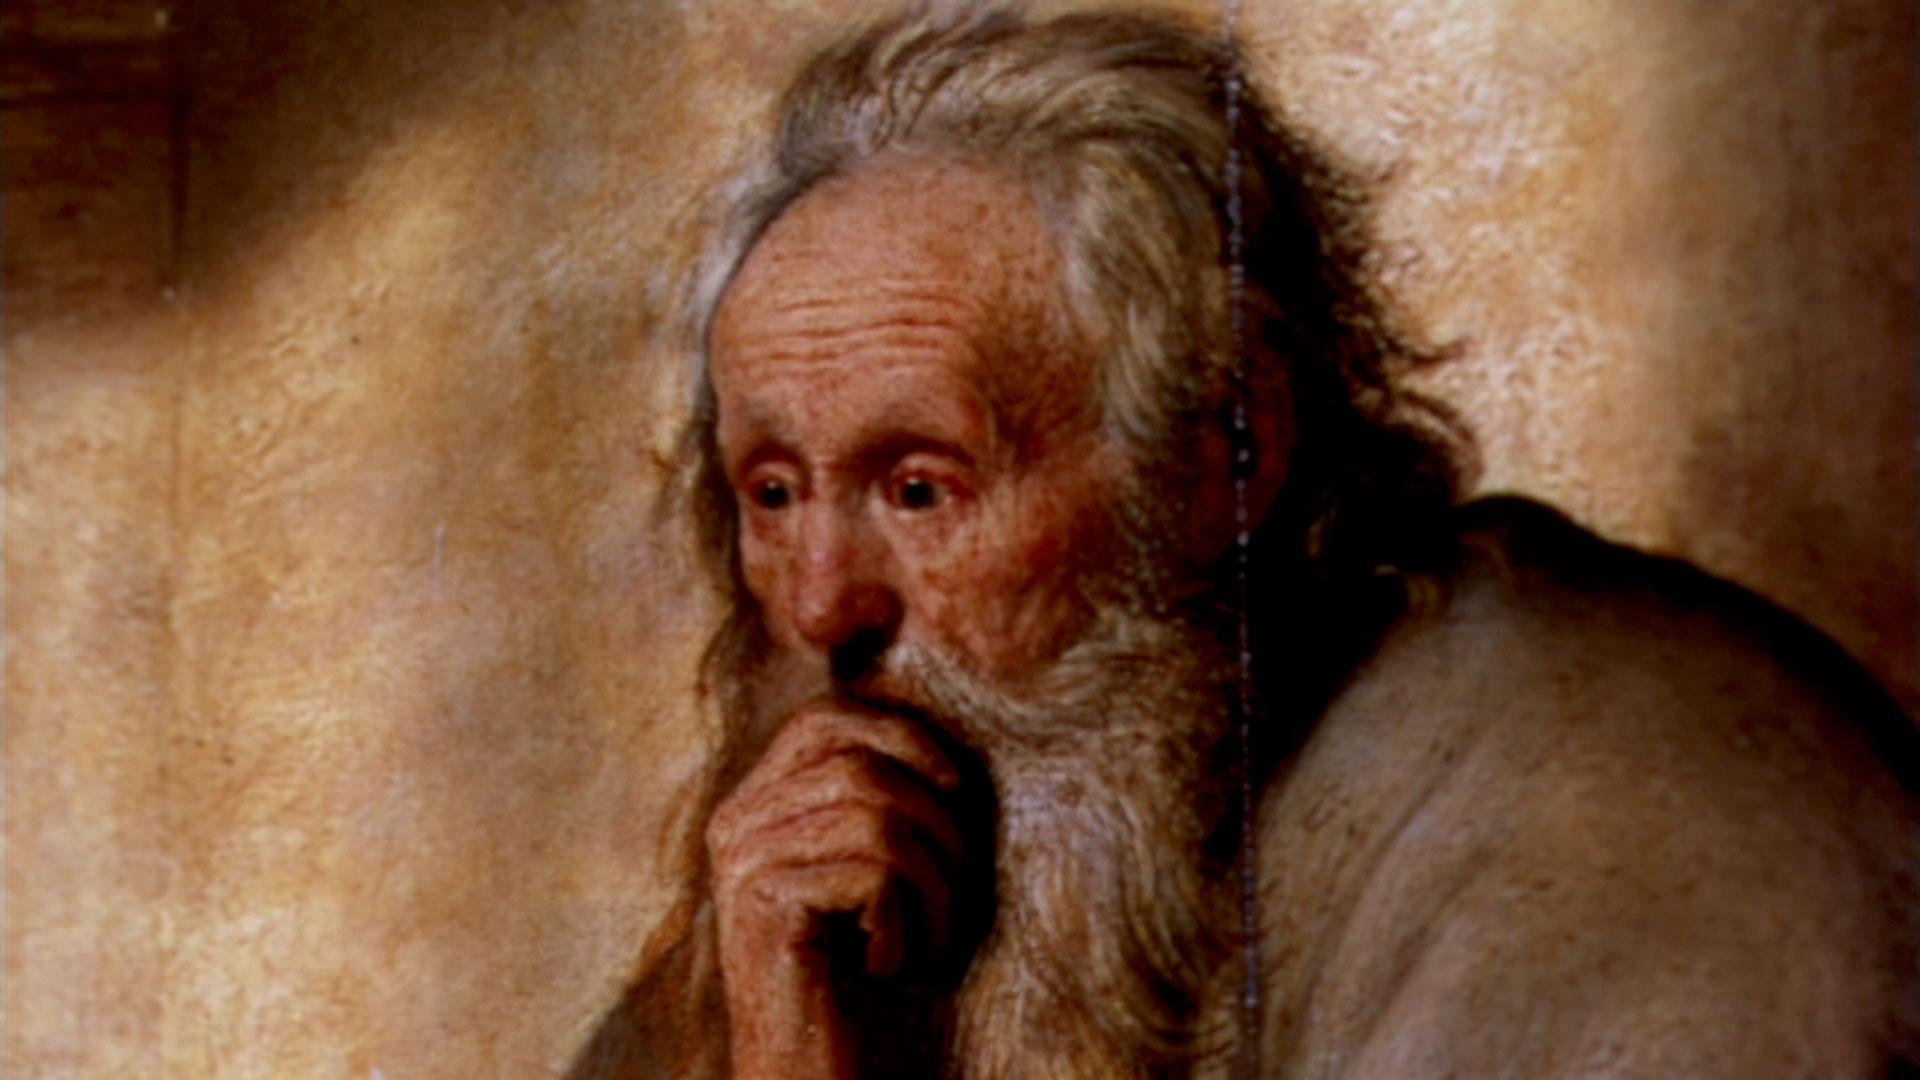 Still Film Rembrandt Painter of Man